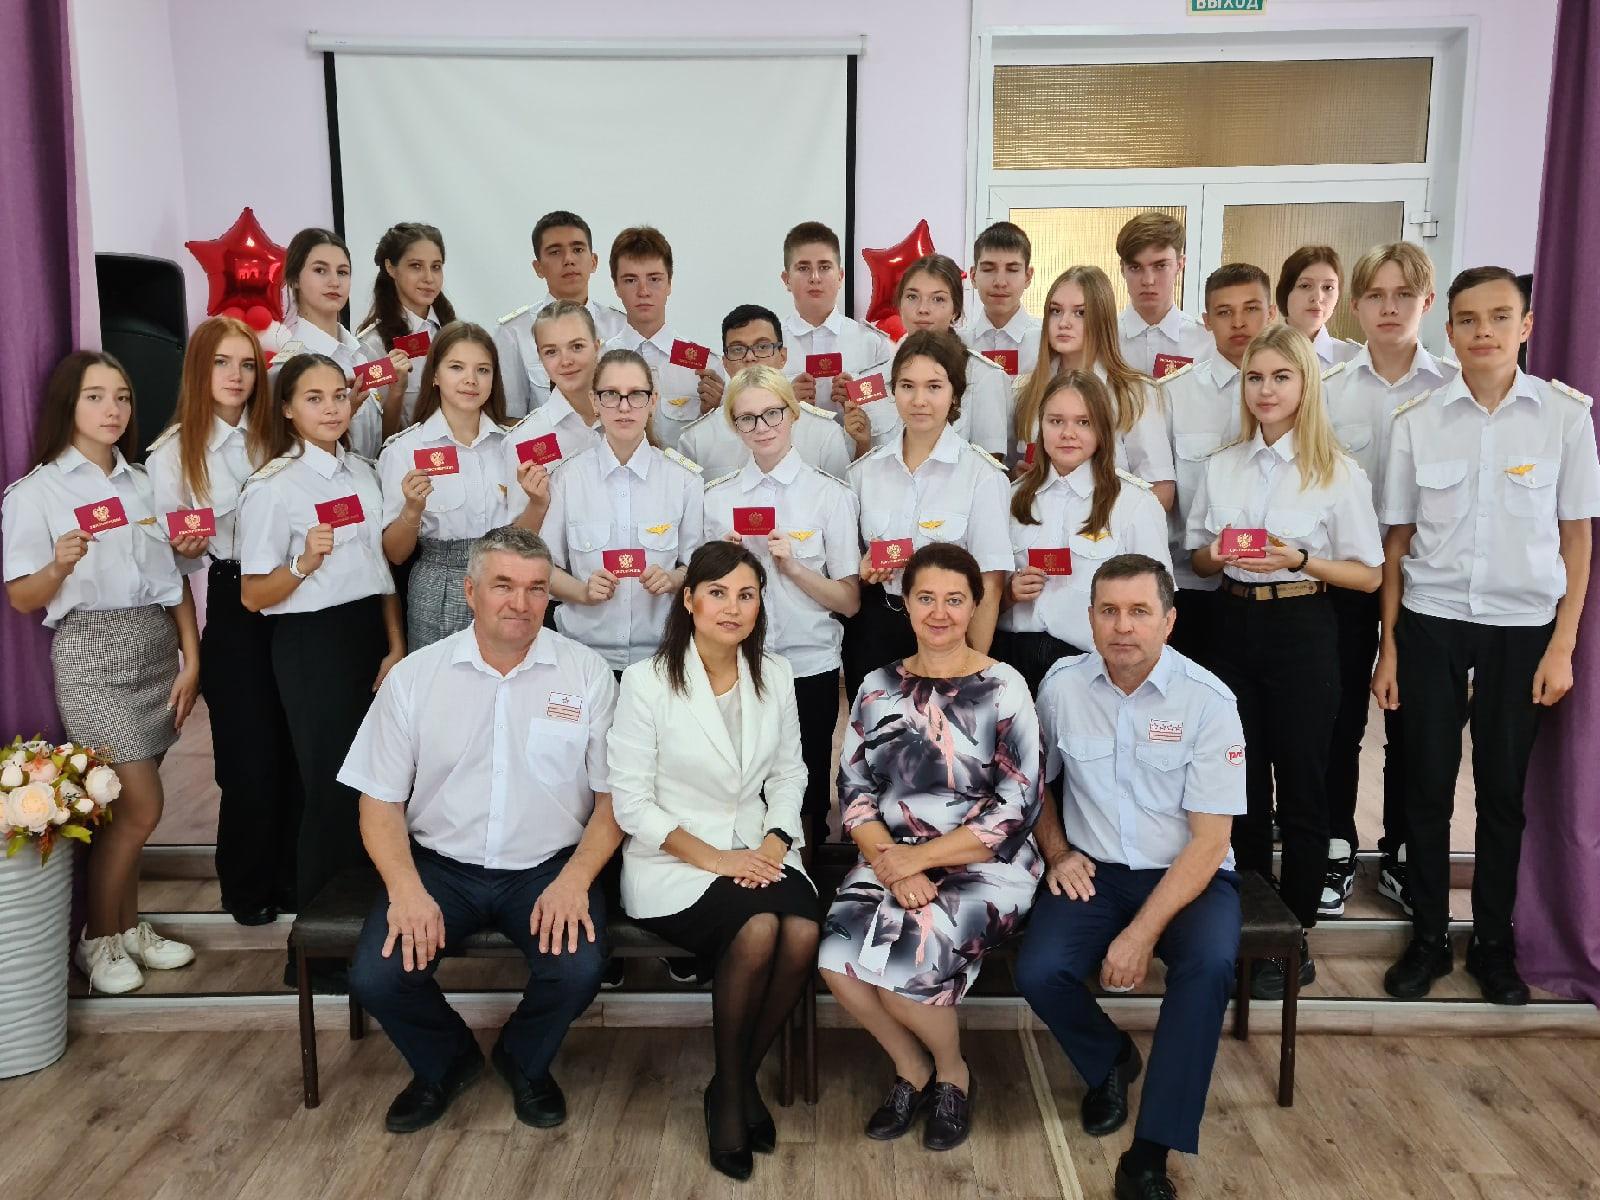 Торжественное открытие 10 РЖД-класса состоялось в школе № 4 🎉